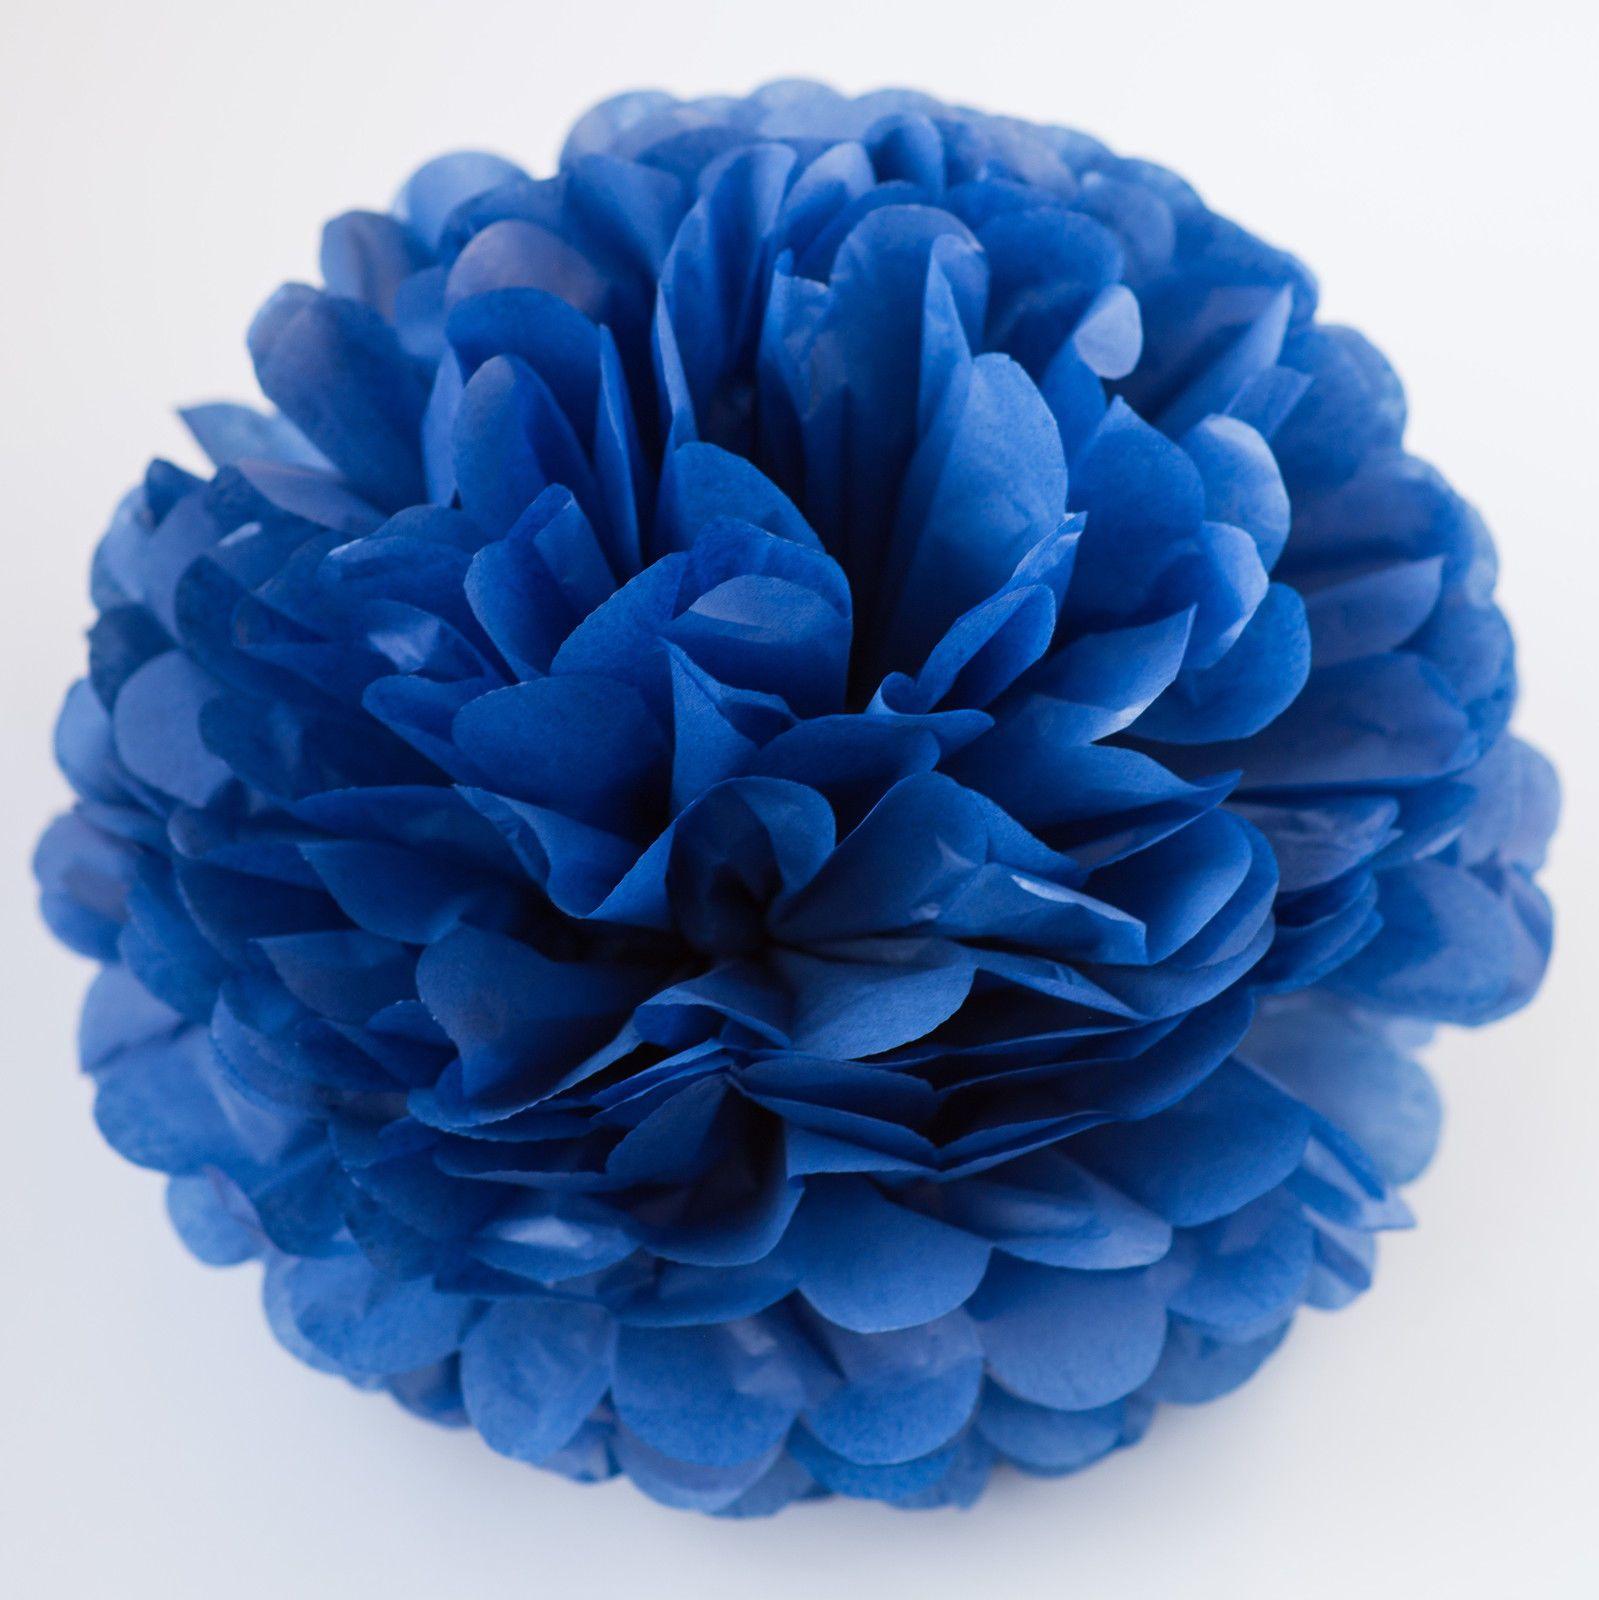 Parade Blue Color Tissue Paper Pompom - Handmade Party Pom Poms -  Decorations  ebay   f9e92cbd93e